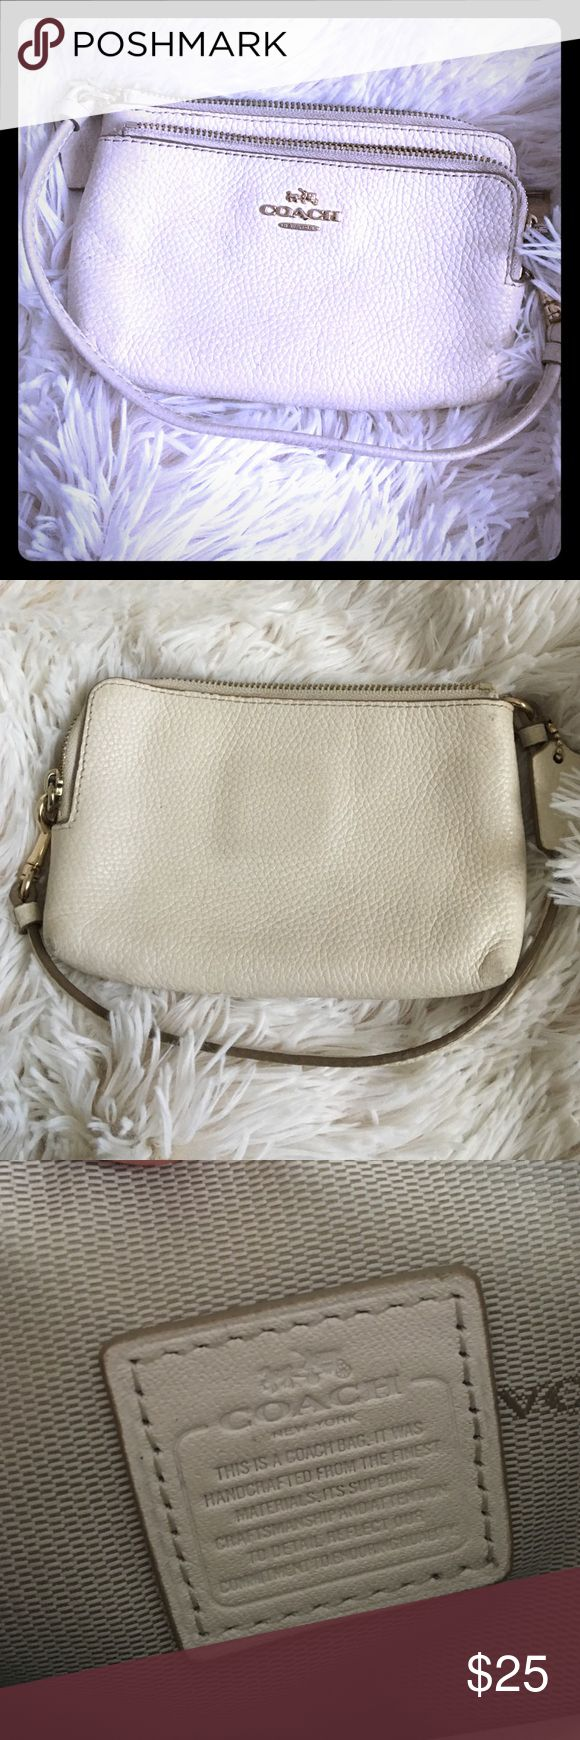 Coach clutch wallet wristlet White Coach clutch wallet wristlet White Coach Bags Clutches & Wristlets